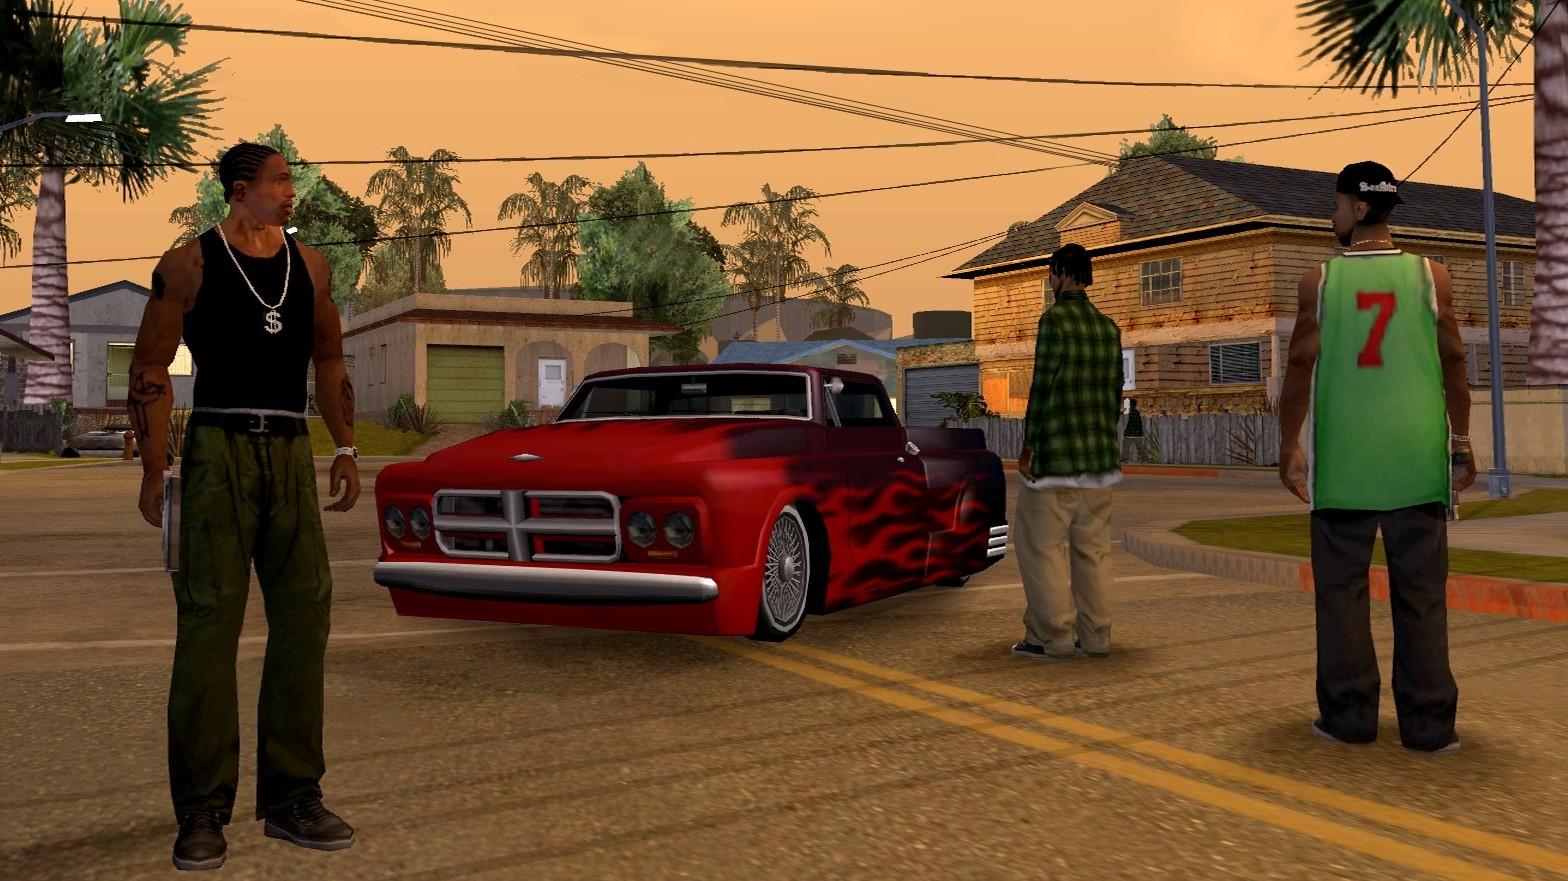 GTA-San-Andreas-Gameplay-Screenshot-3